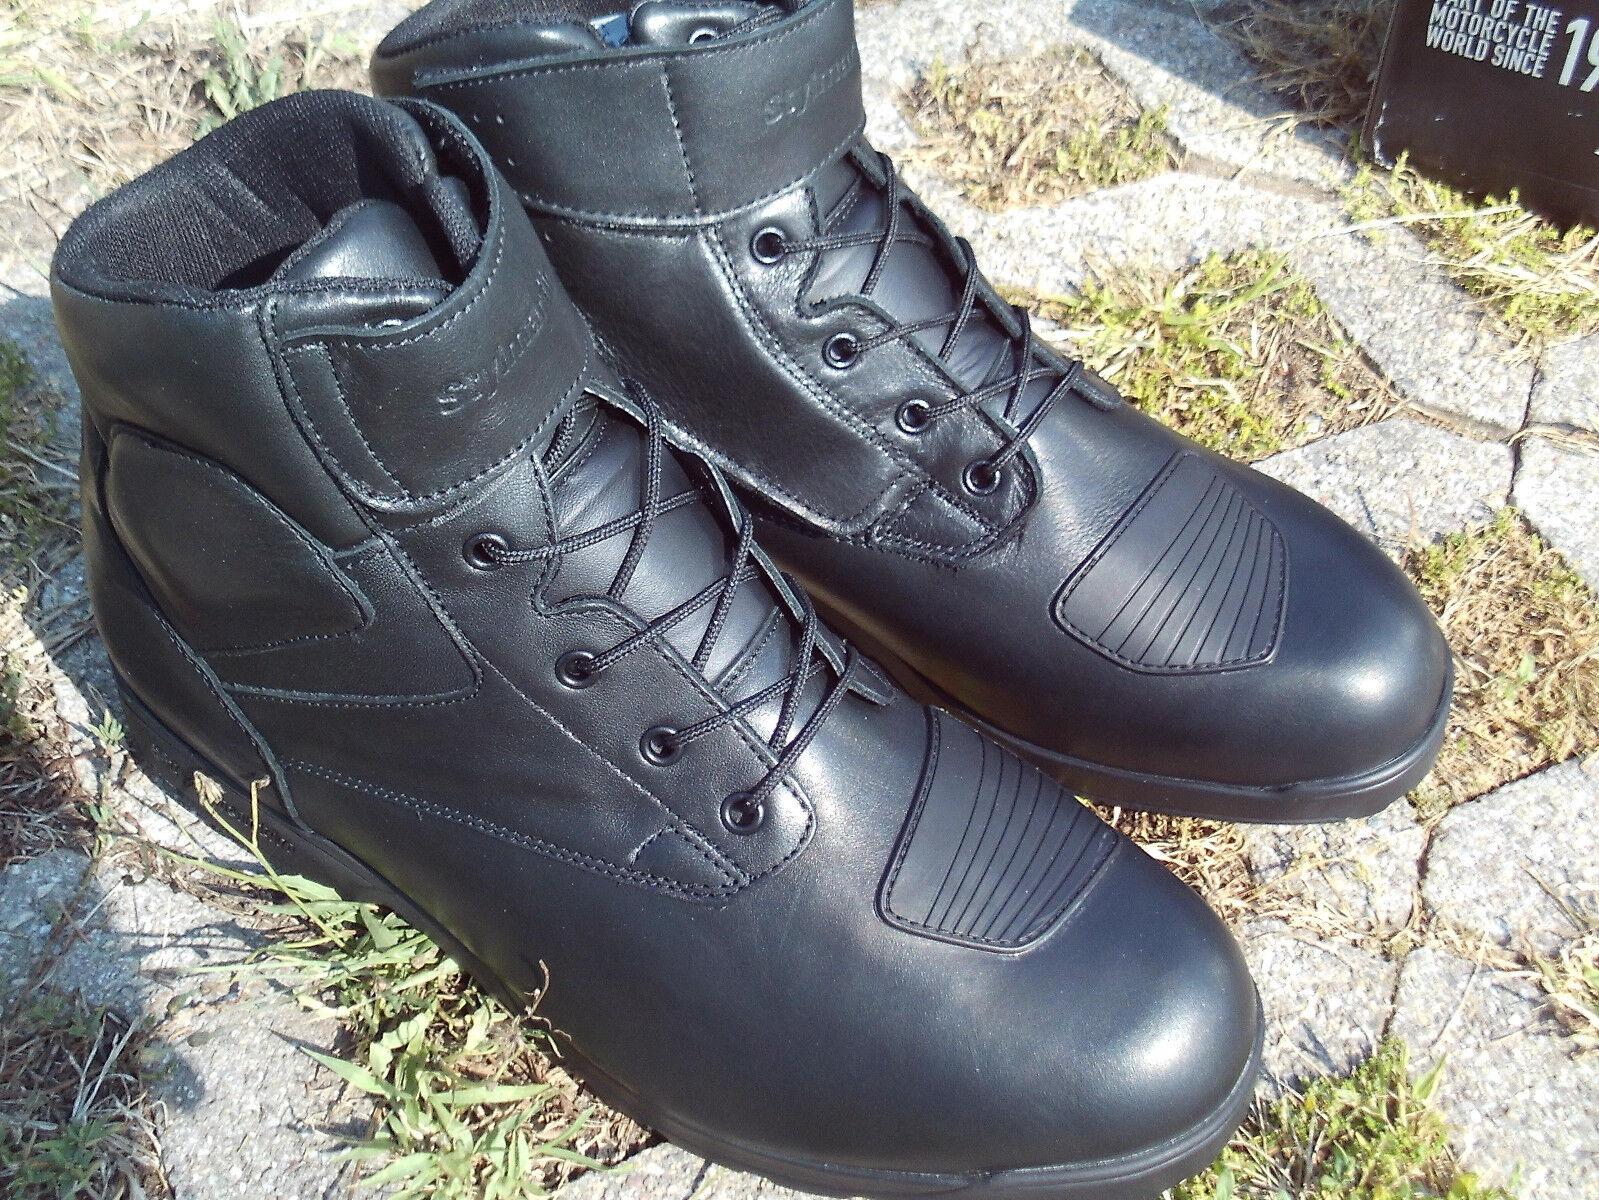 Stylmartin Phoenix schwarz Motorrad Stiefel Freizeitschuhe Stiefel Größe 38